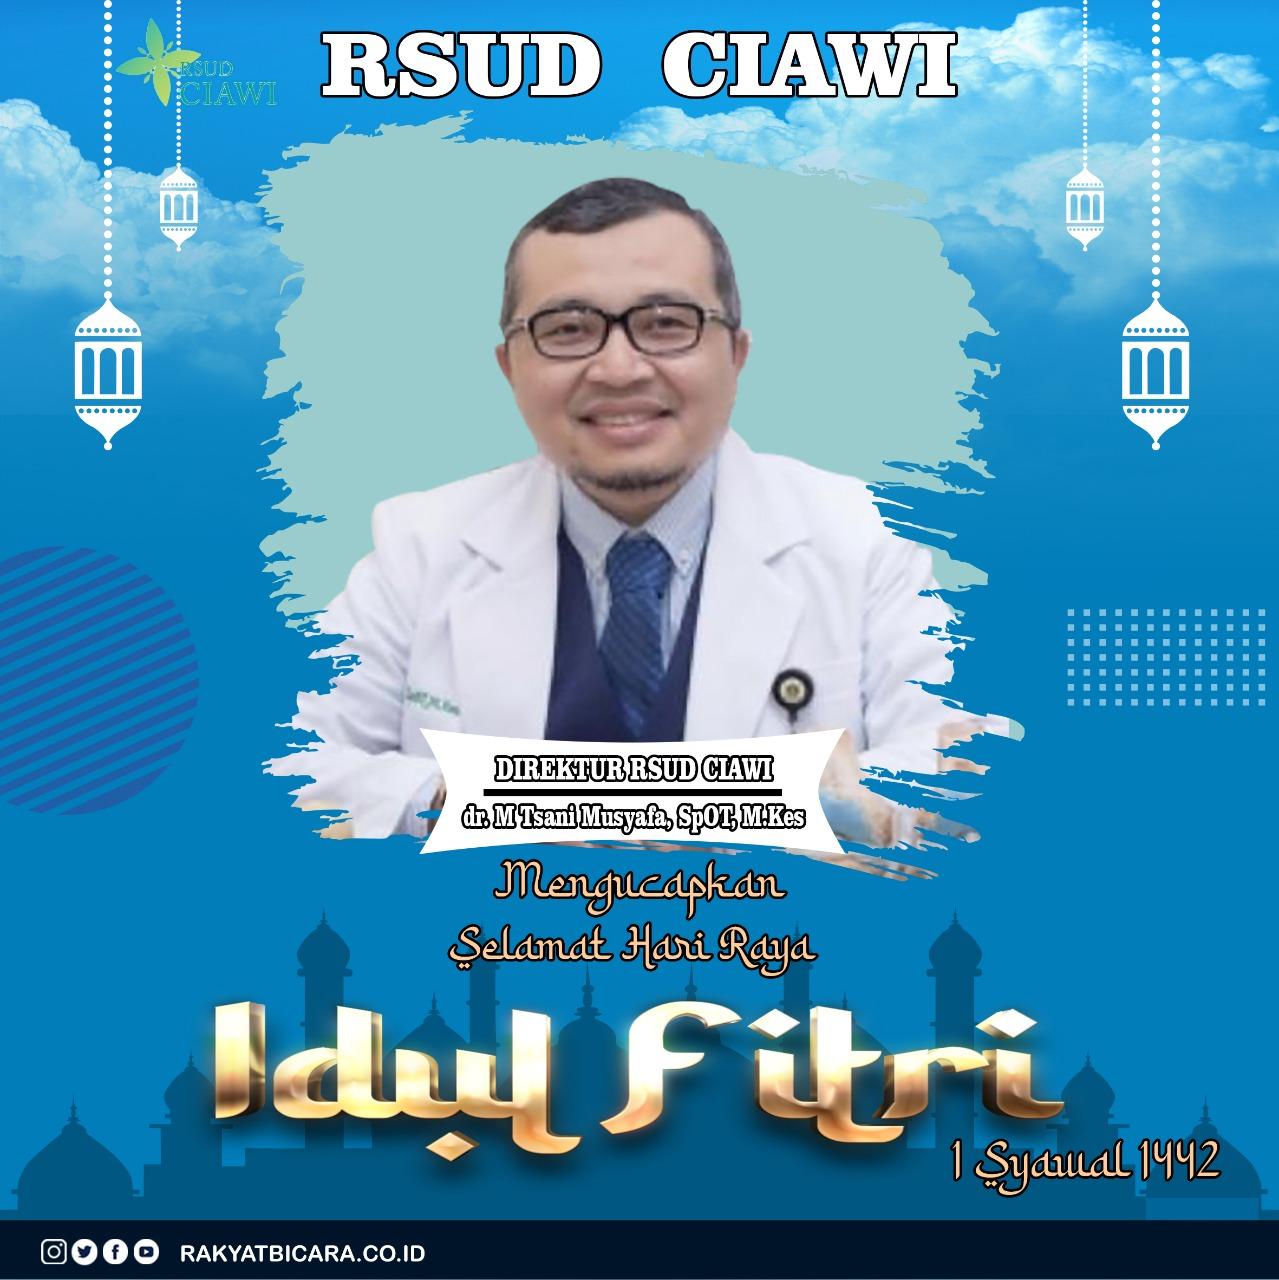 """Pimpinan Berserta Segenap Jajaran RSUD Ciawi, Mengucapkan """" Selamat Hari Raya Idul Fitri """" 1 Syawal 1442 H"""